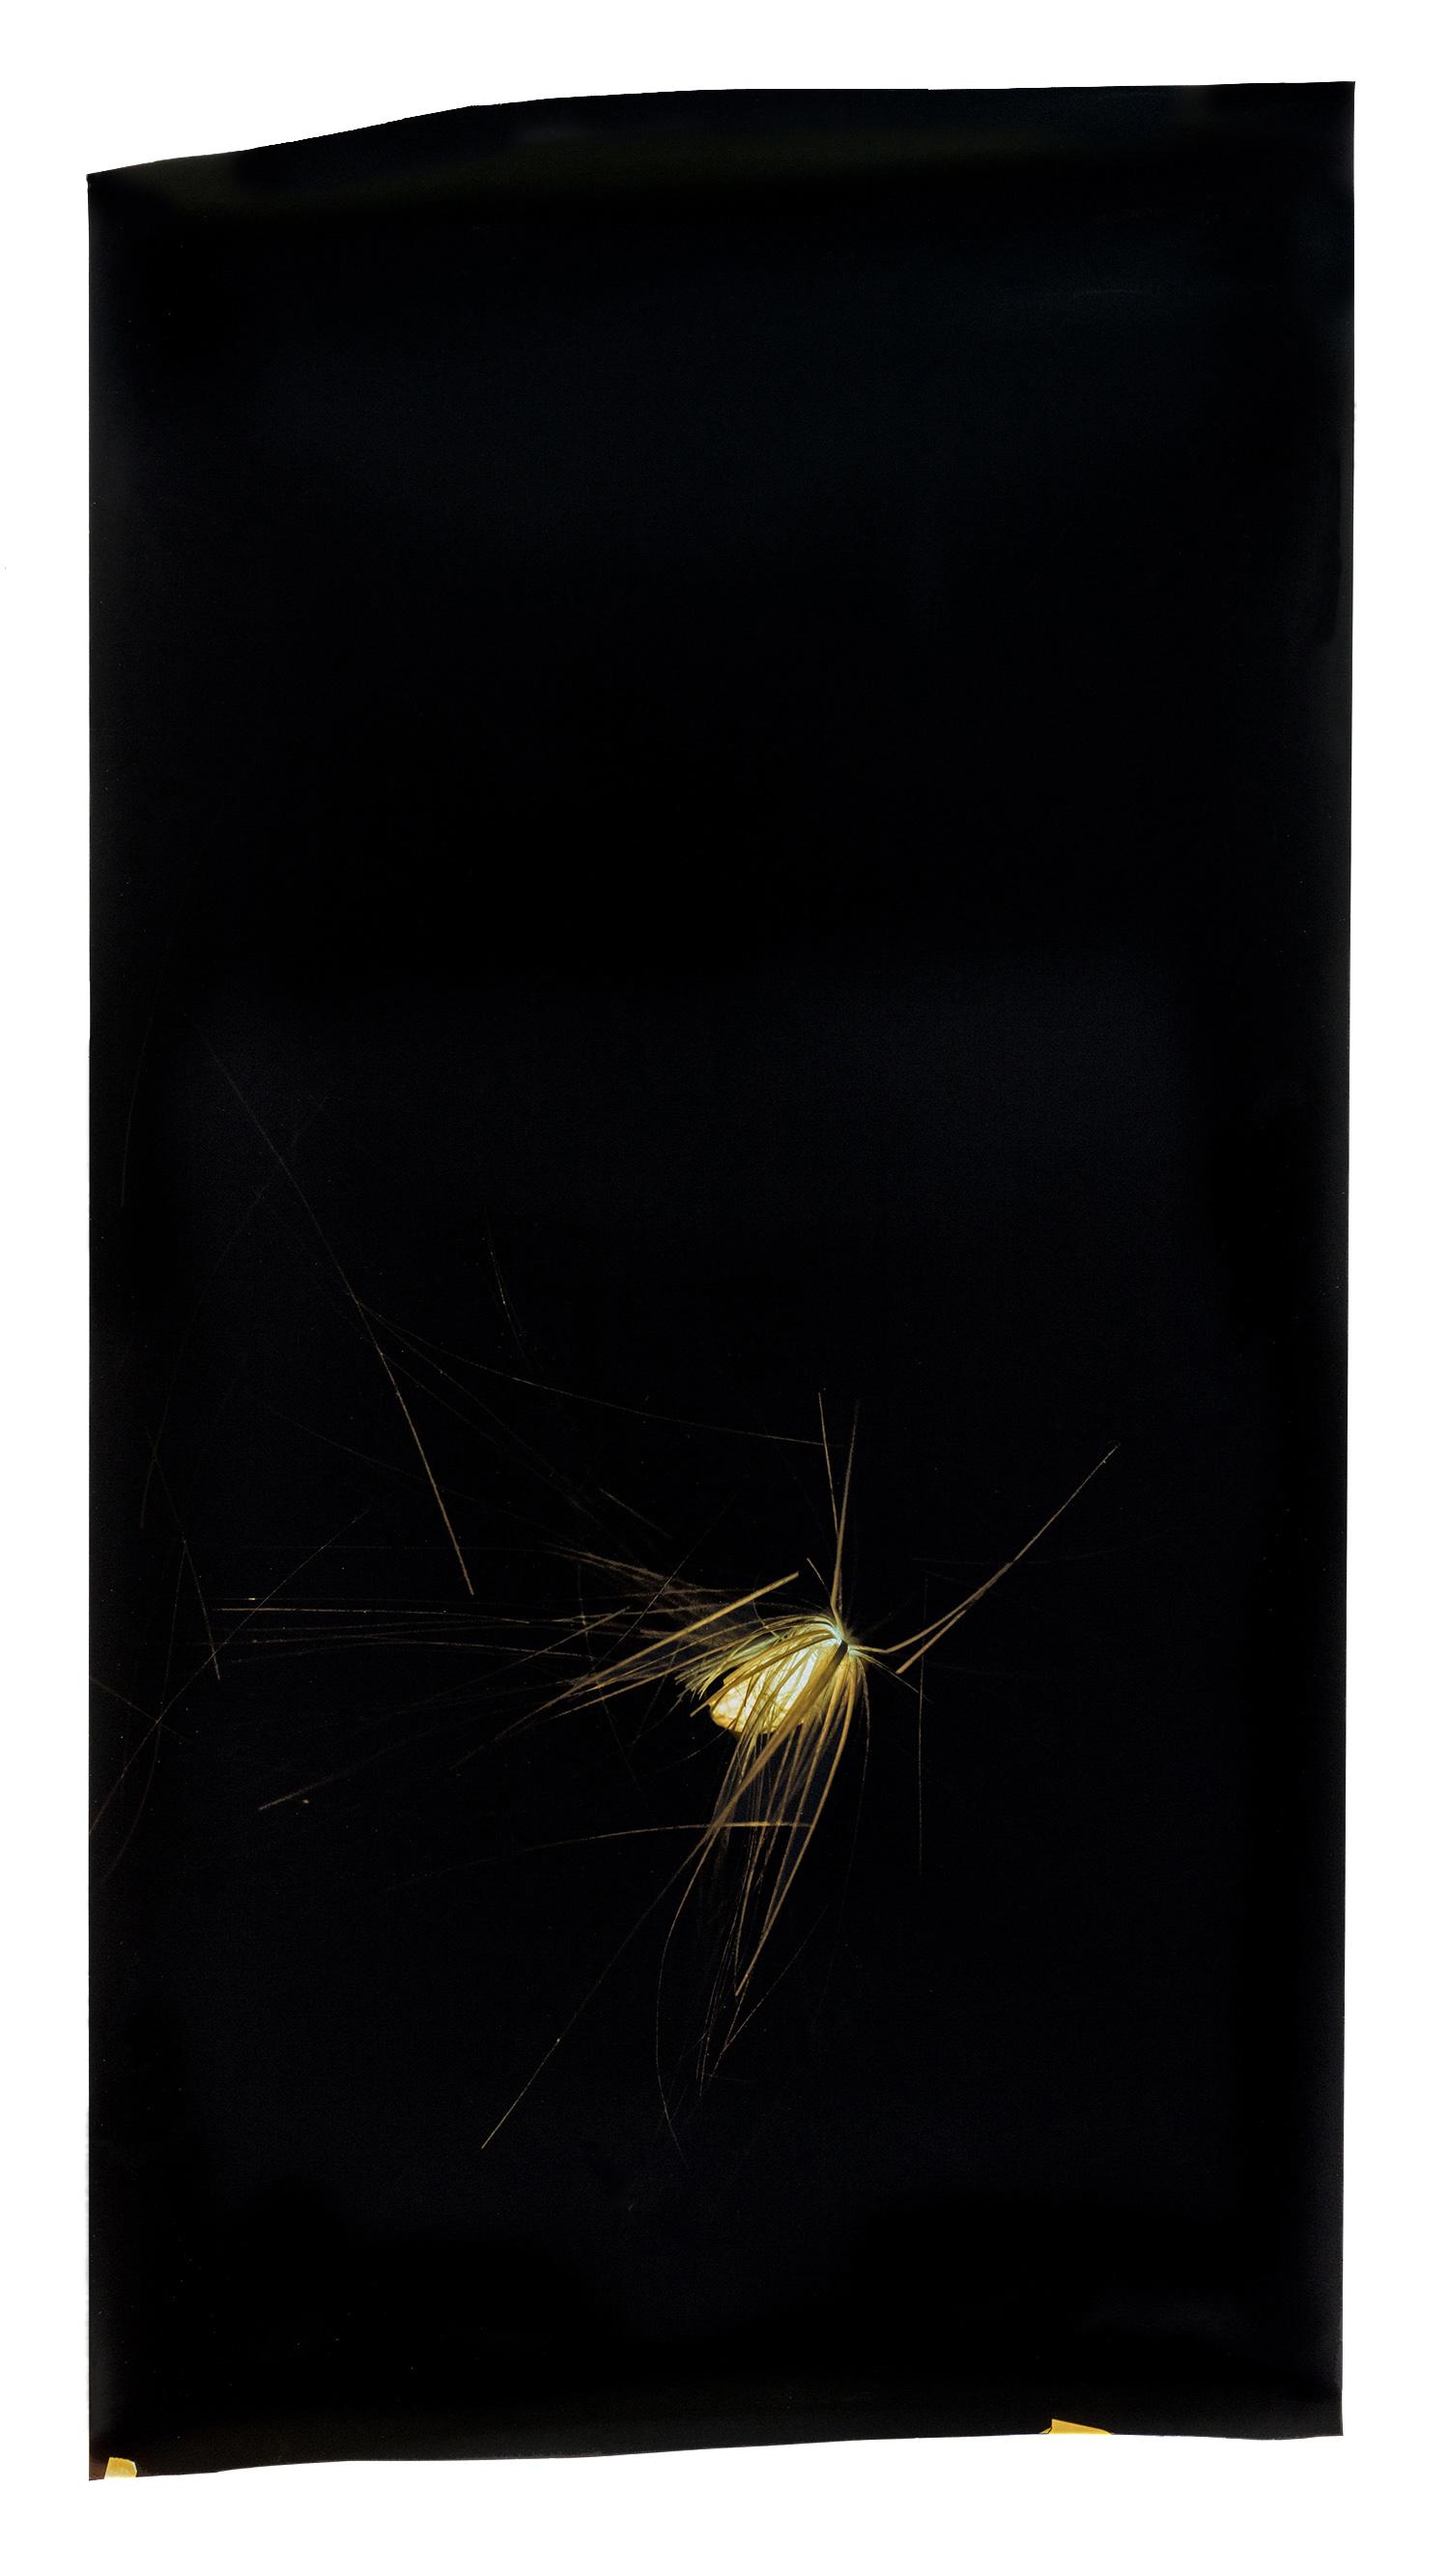 Household Specimen #1: Artichoke Seed